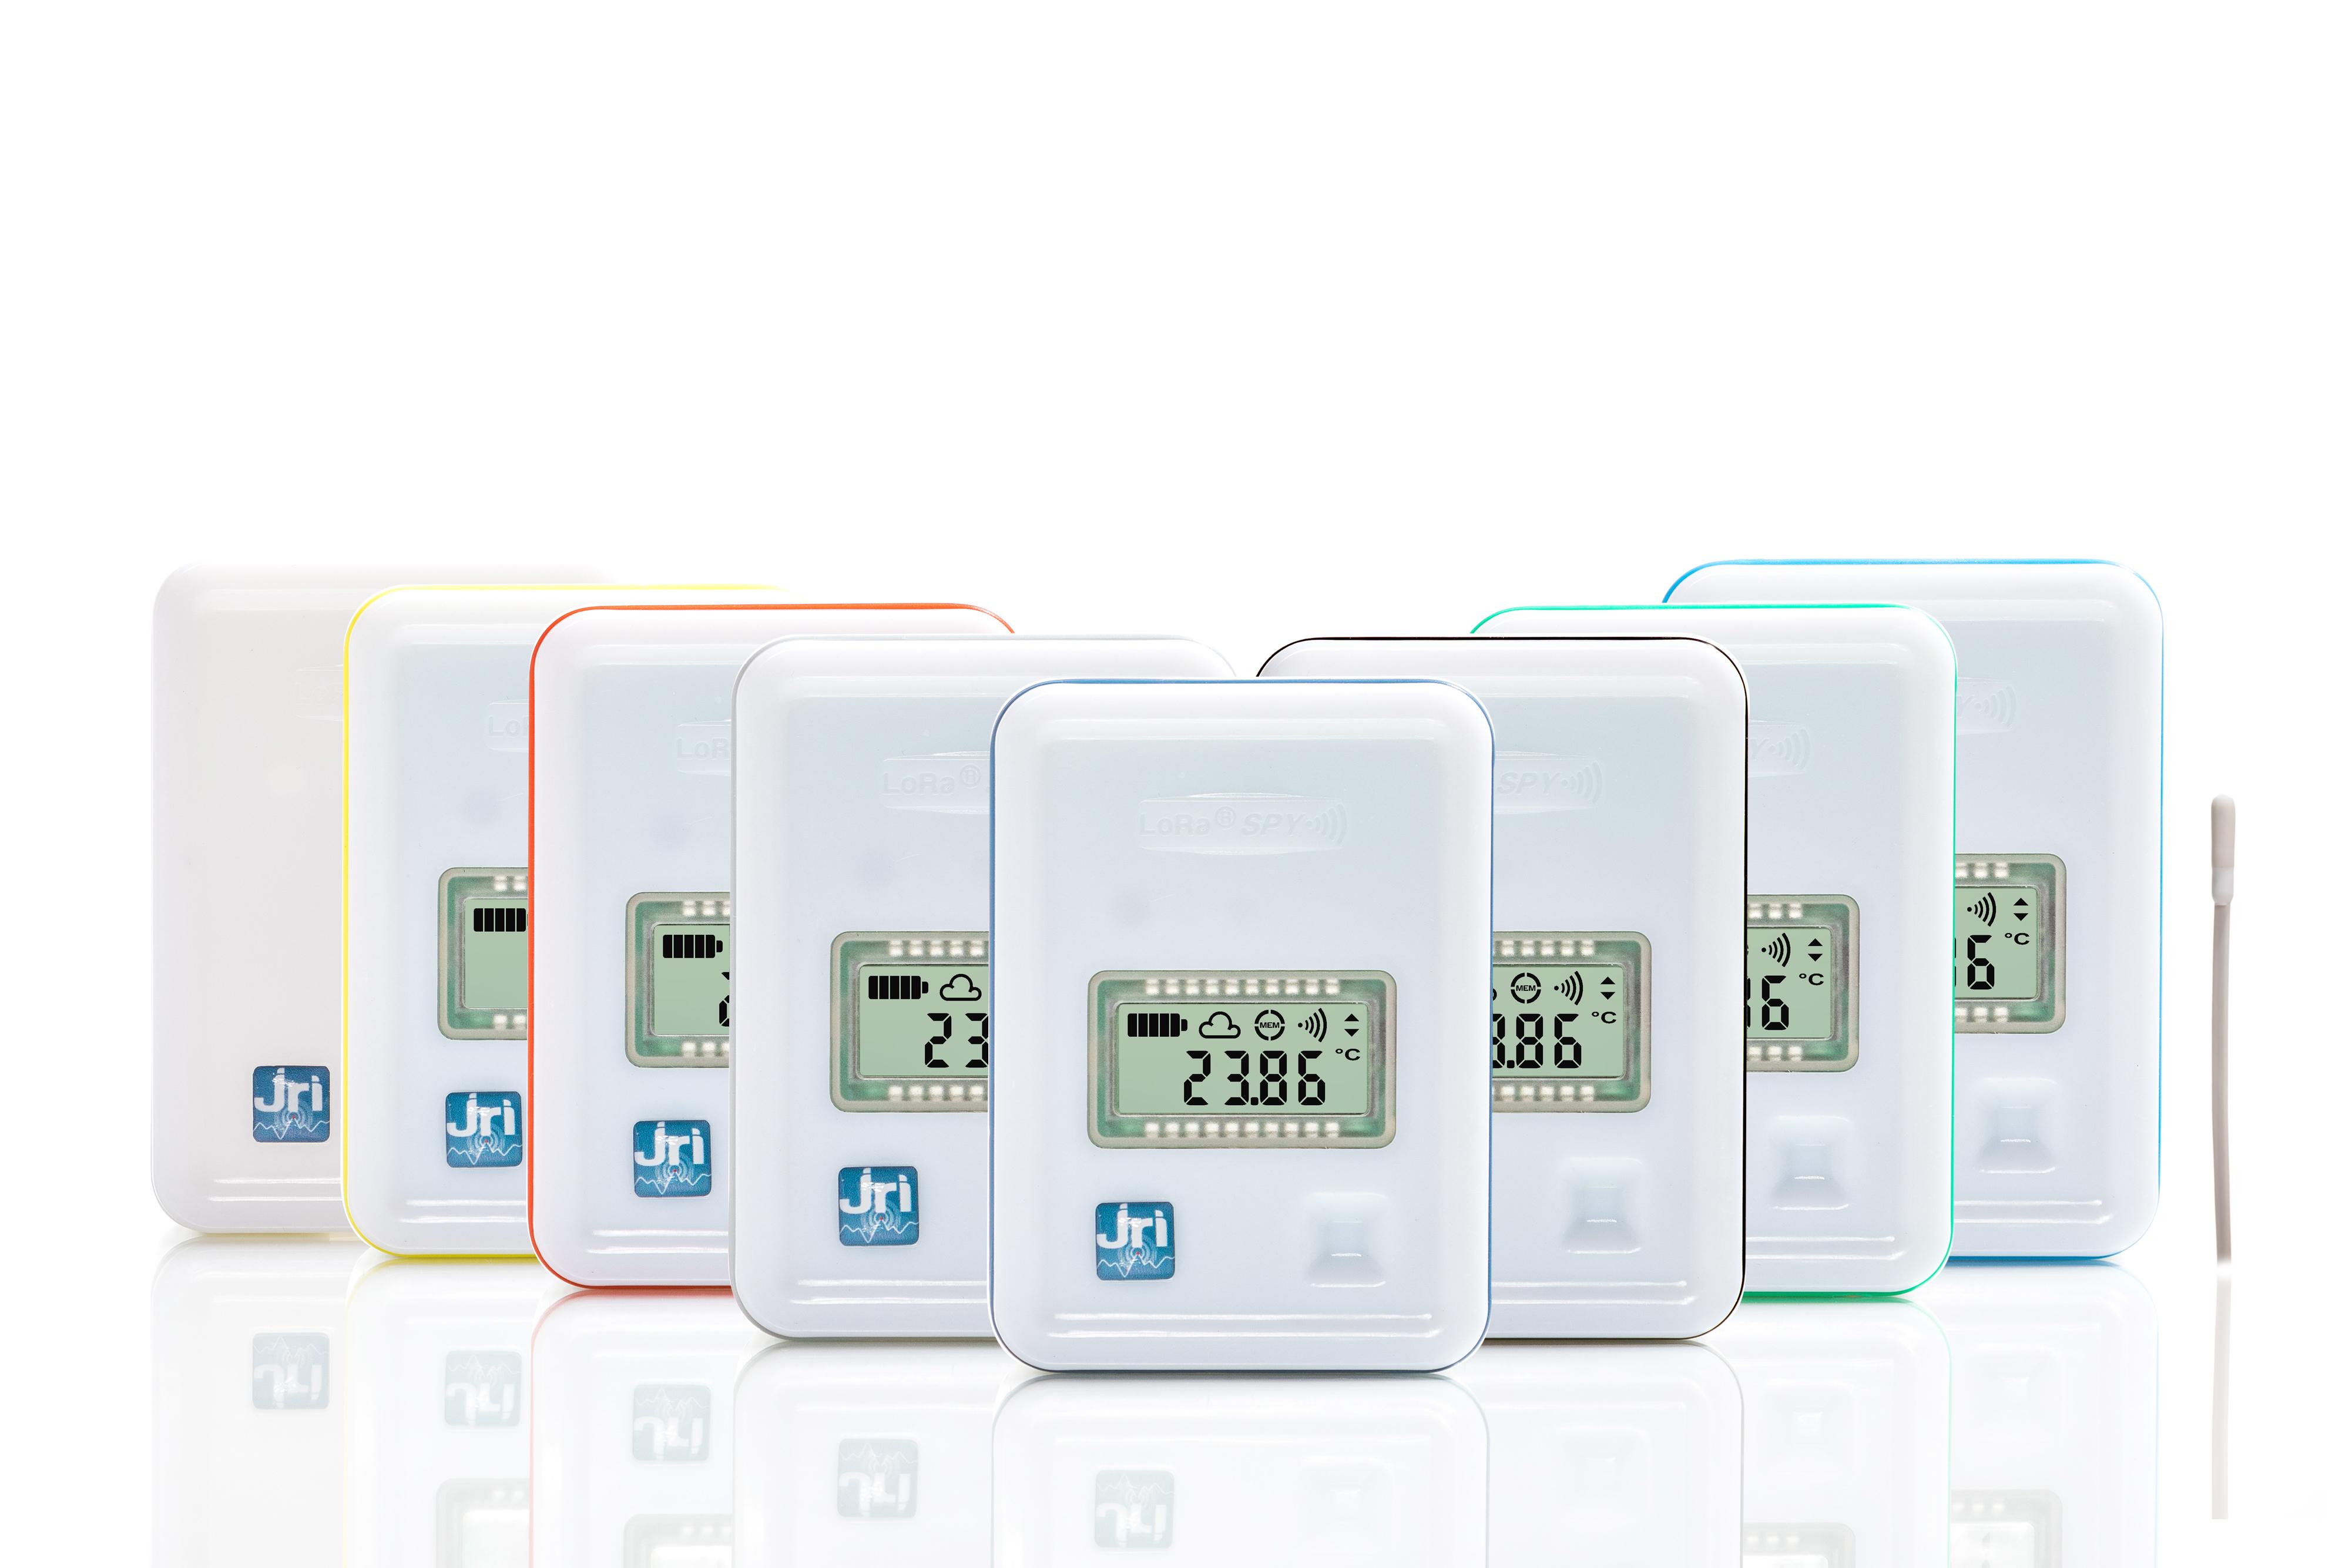 JRI Temperatur-Überwachung, die kleinen Helfer im Kühlregal